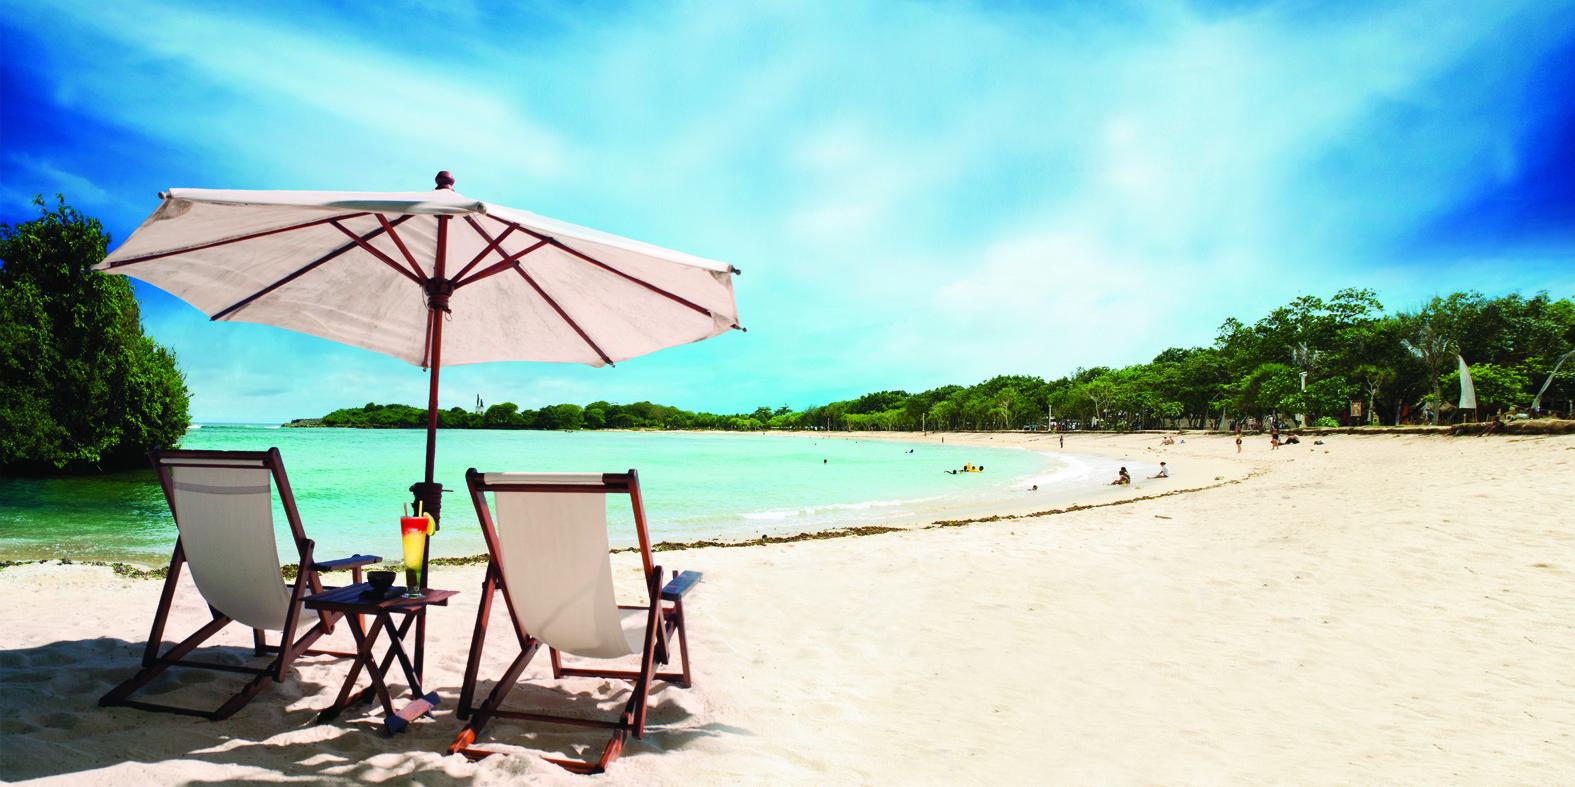 obyek wisata terlengkap: Pantai Nusa Dua - Hal Menarik & Informasi